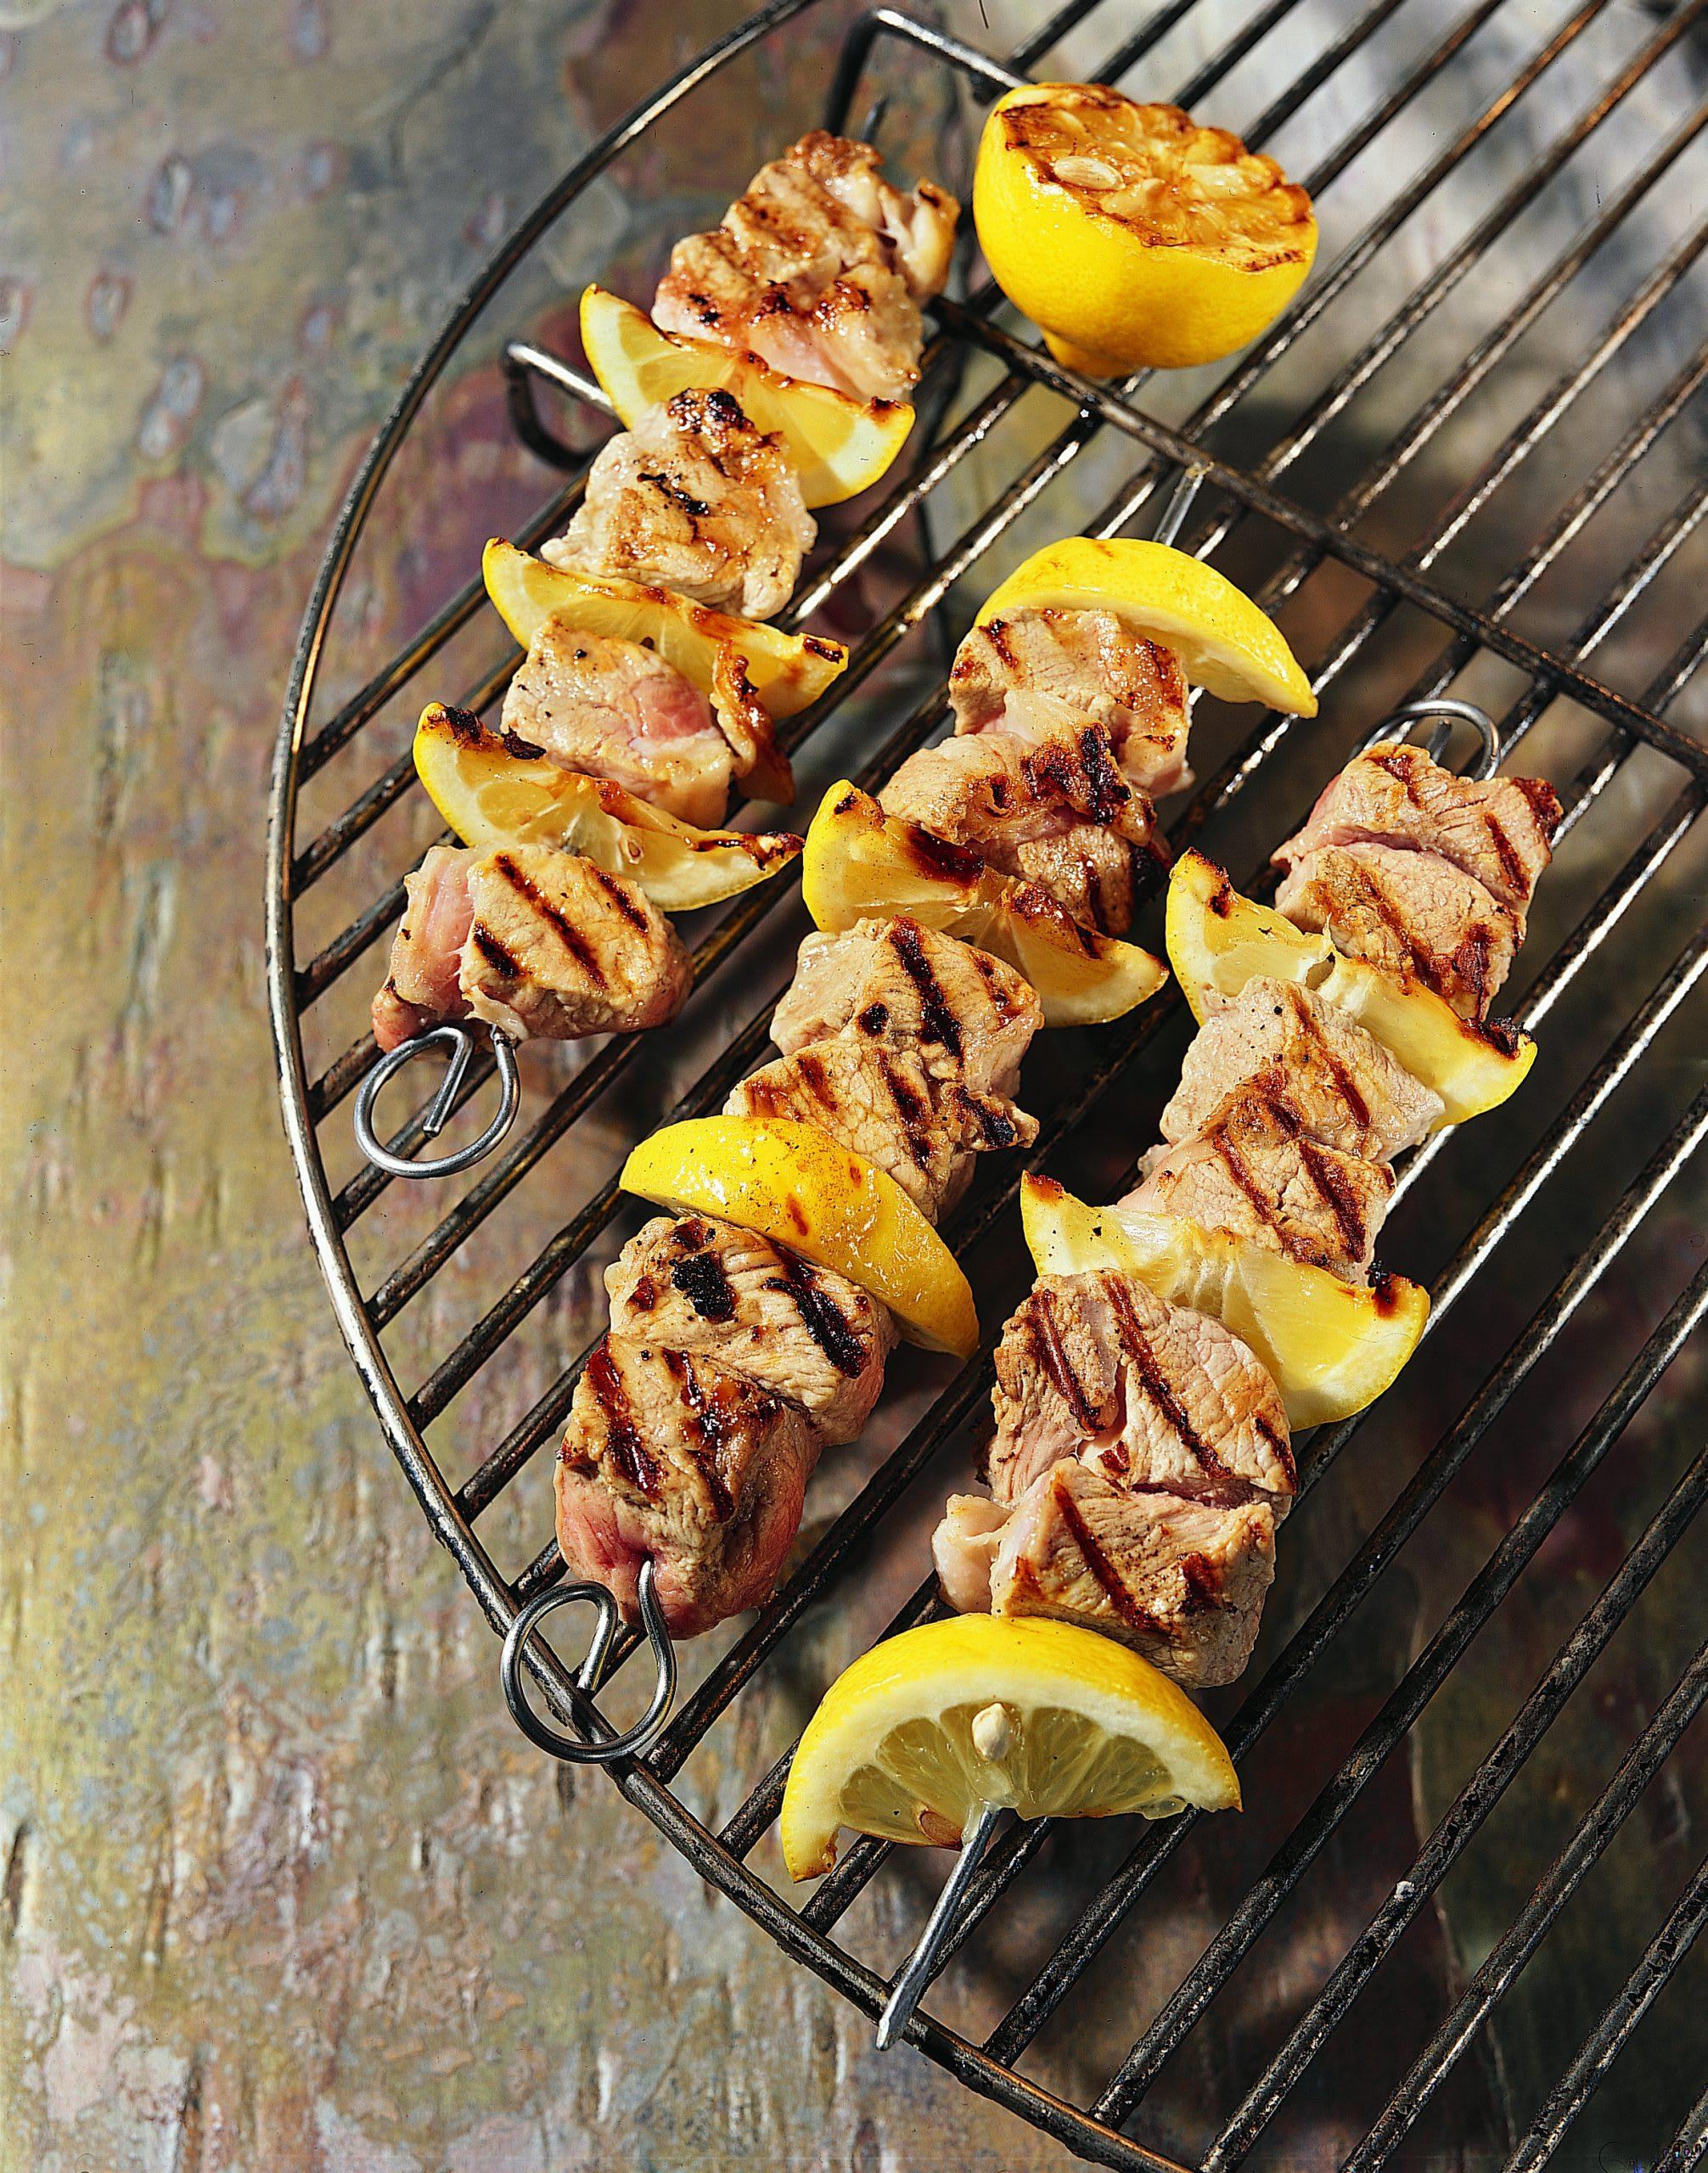 Brochettes de veau et de citron au barbecue et sauce aux pistaches